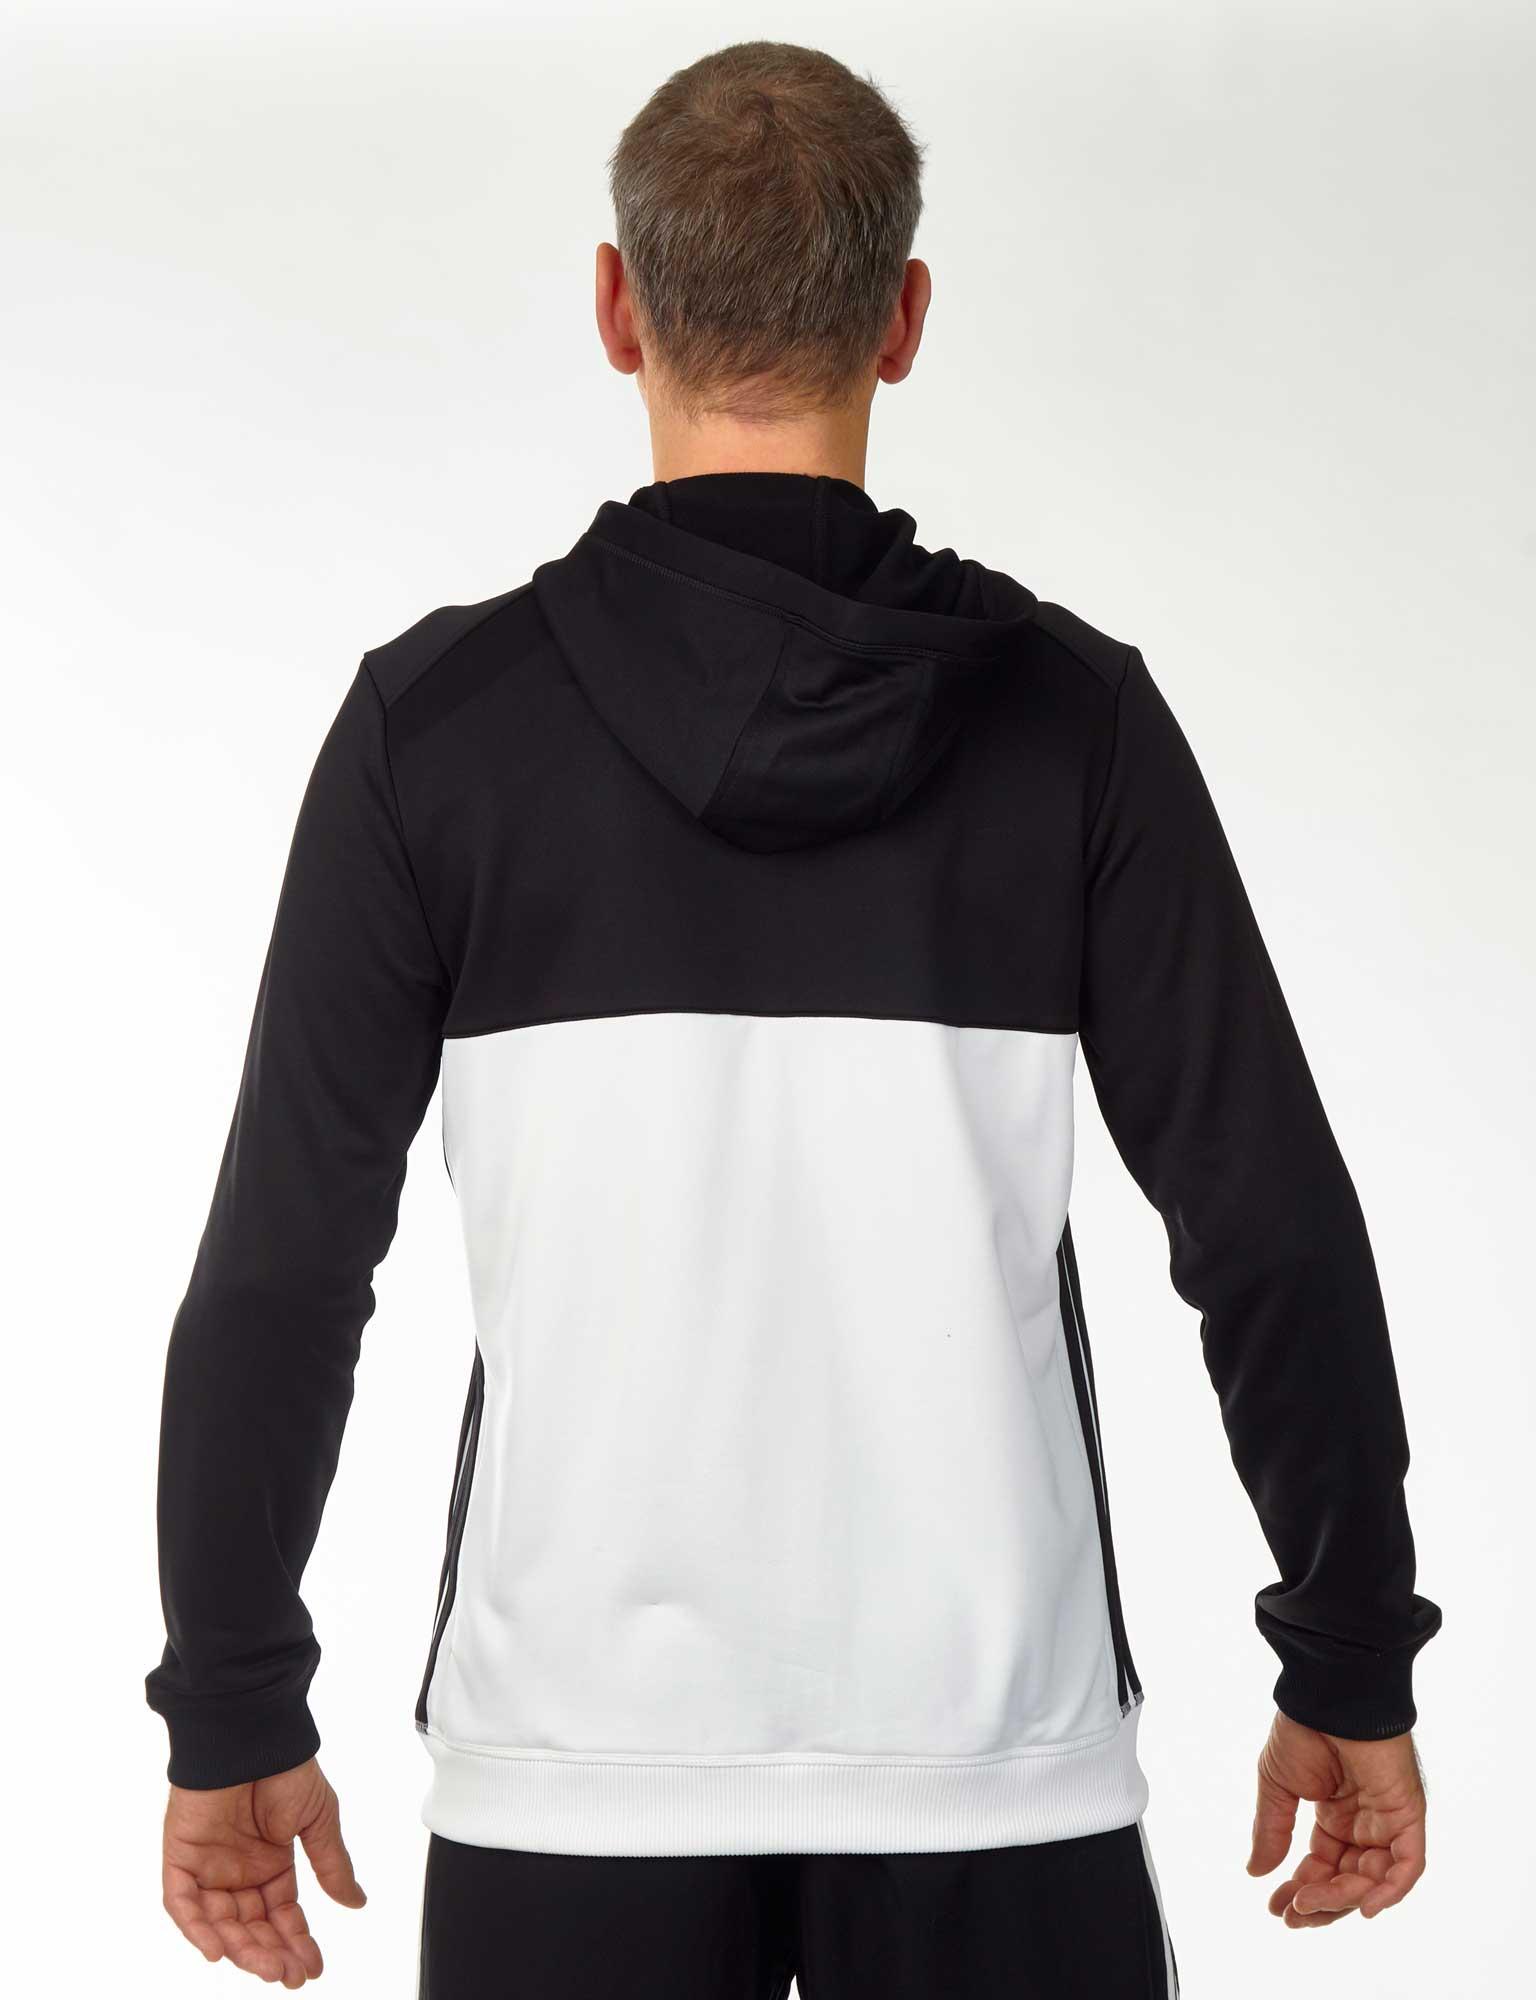 mehr Fotos 1eab9 ed467 adidas T16 Team Hoodie Männer schwarz/weiß AJ5409